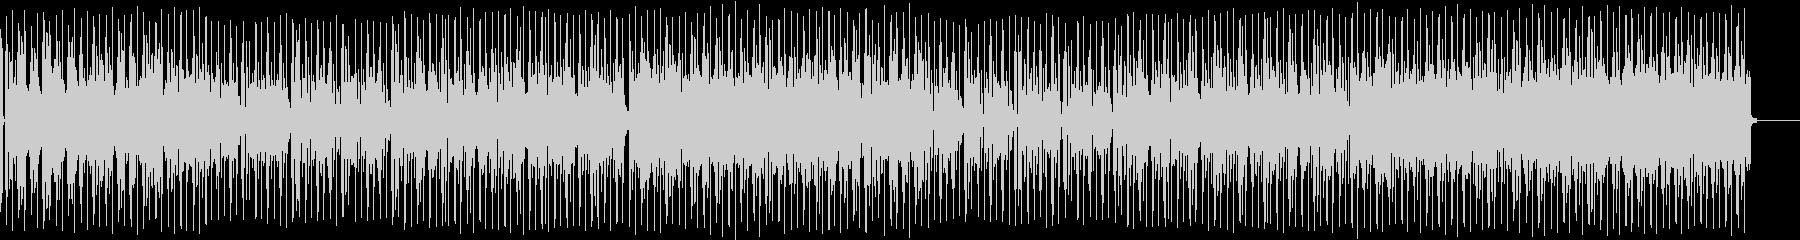 しっとりしたノリの良いバラードBGMの未再生の波形